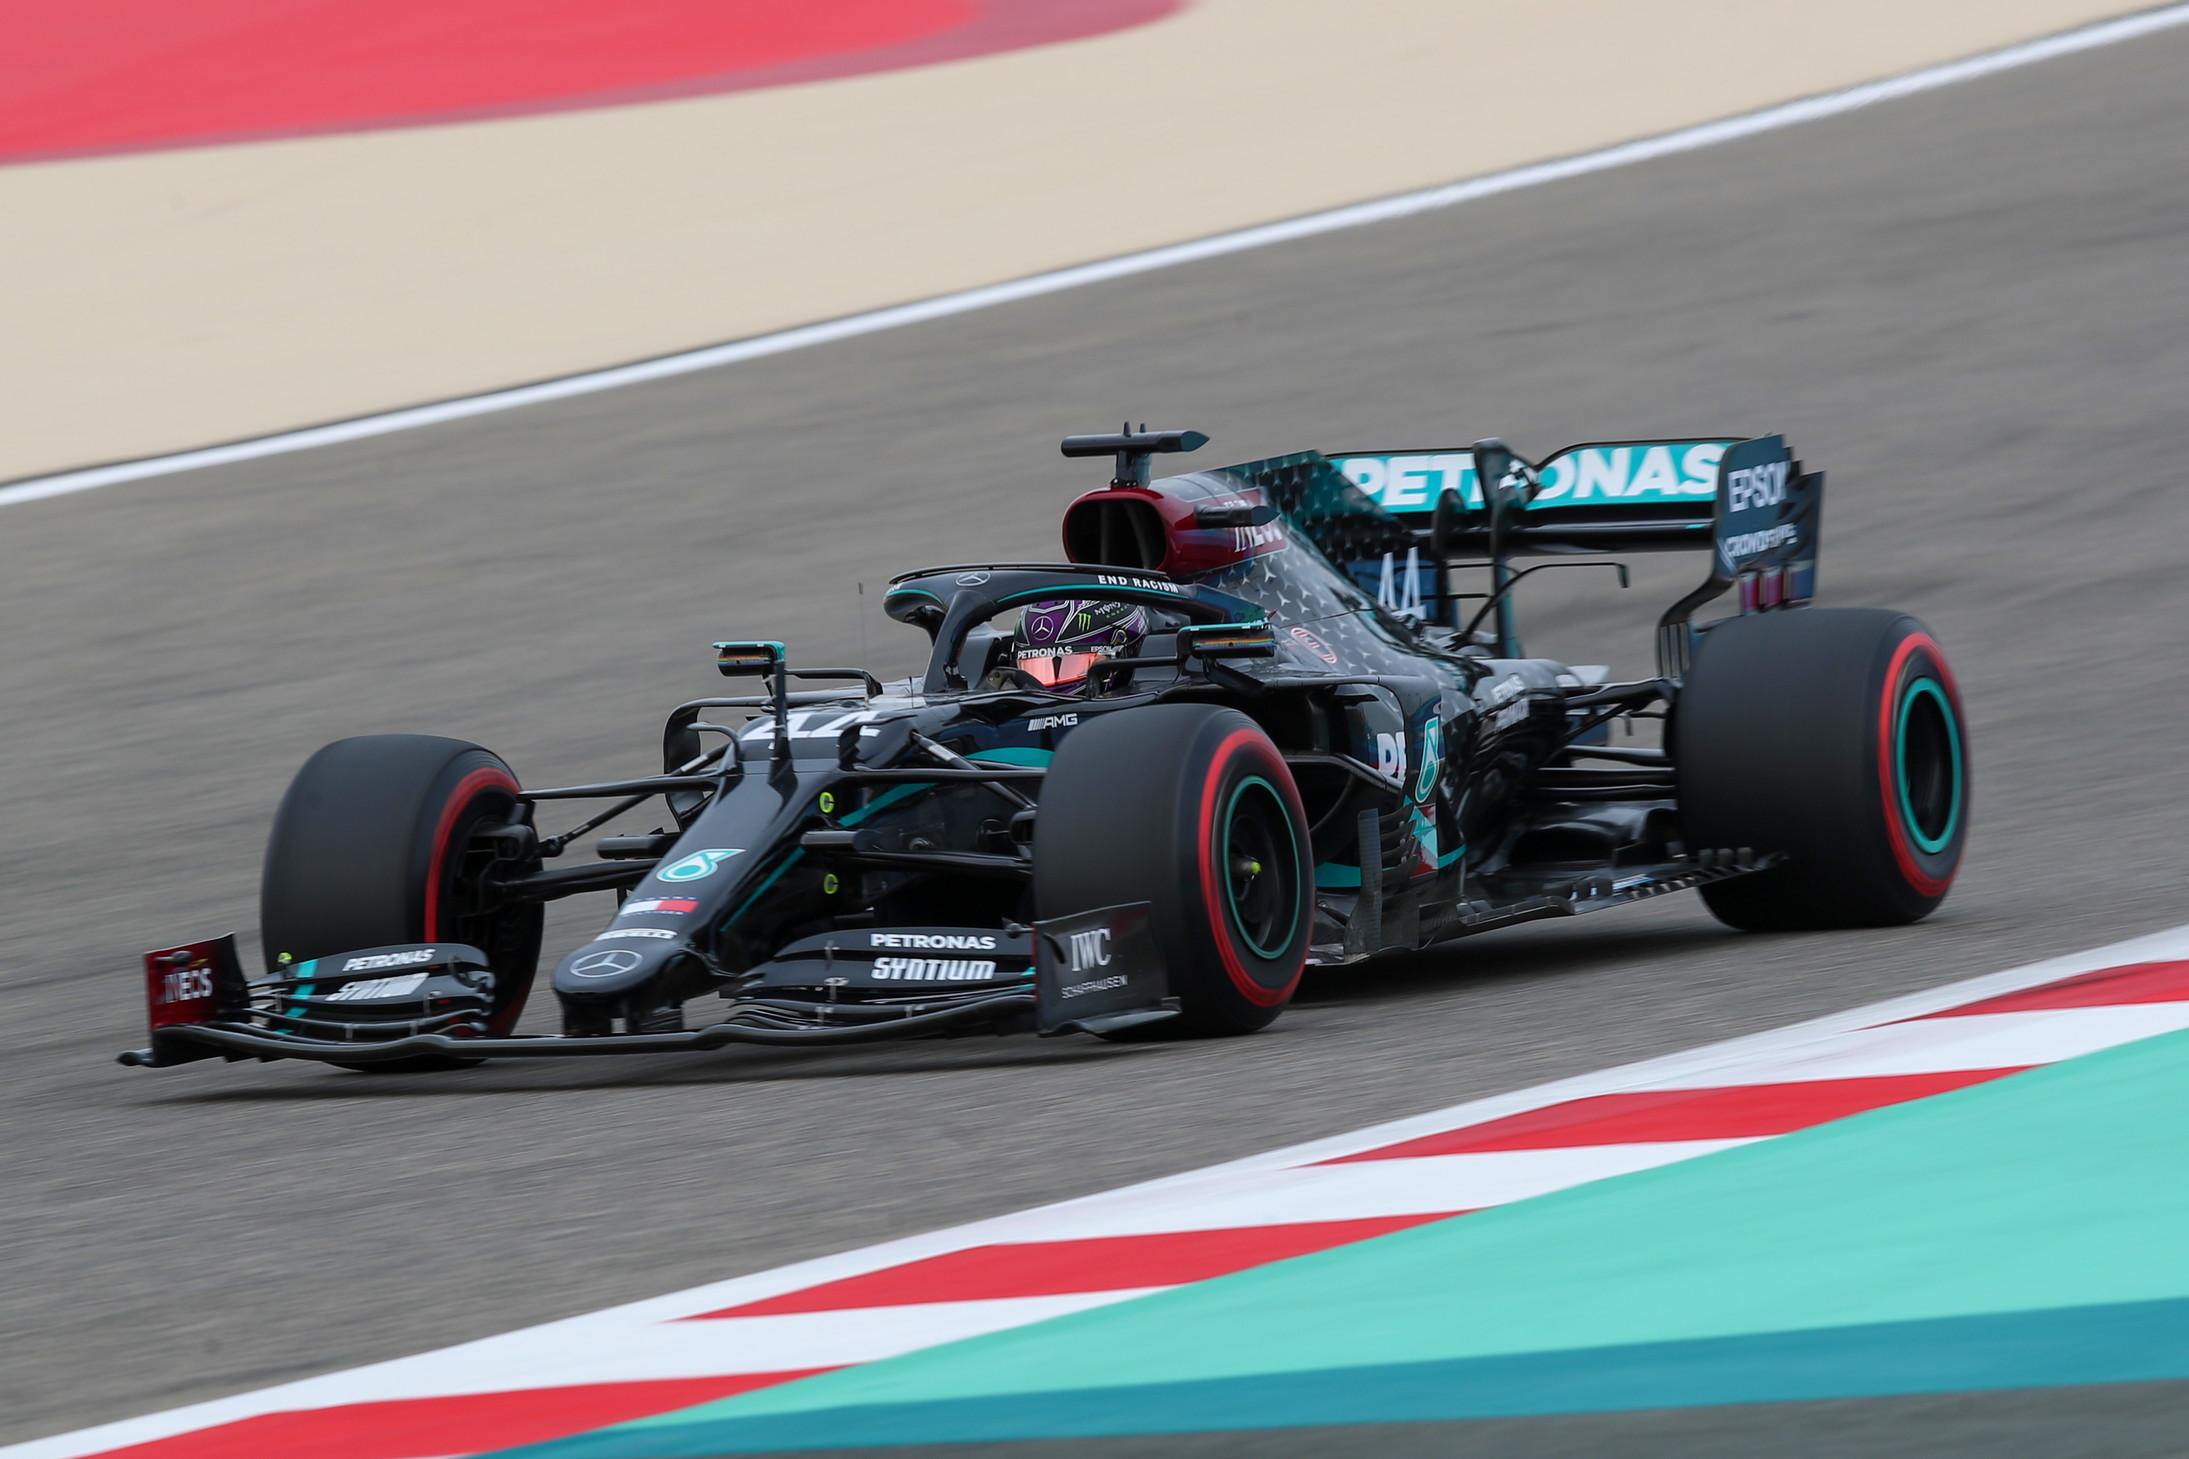 Quindici su quindici, filotto di pole da applausi per i motorizzati Mercedes che in Bahrain vedr&agrave; partire la W11 di Hamilton davanti a tutti<br /><br />